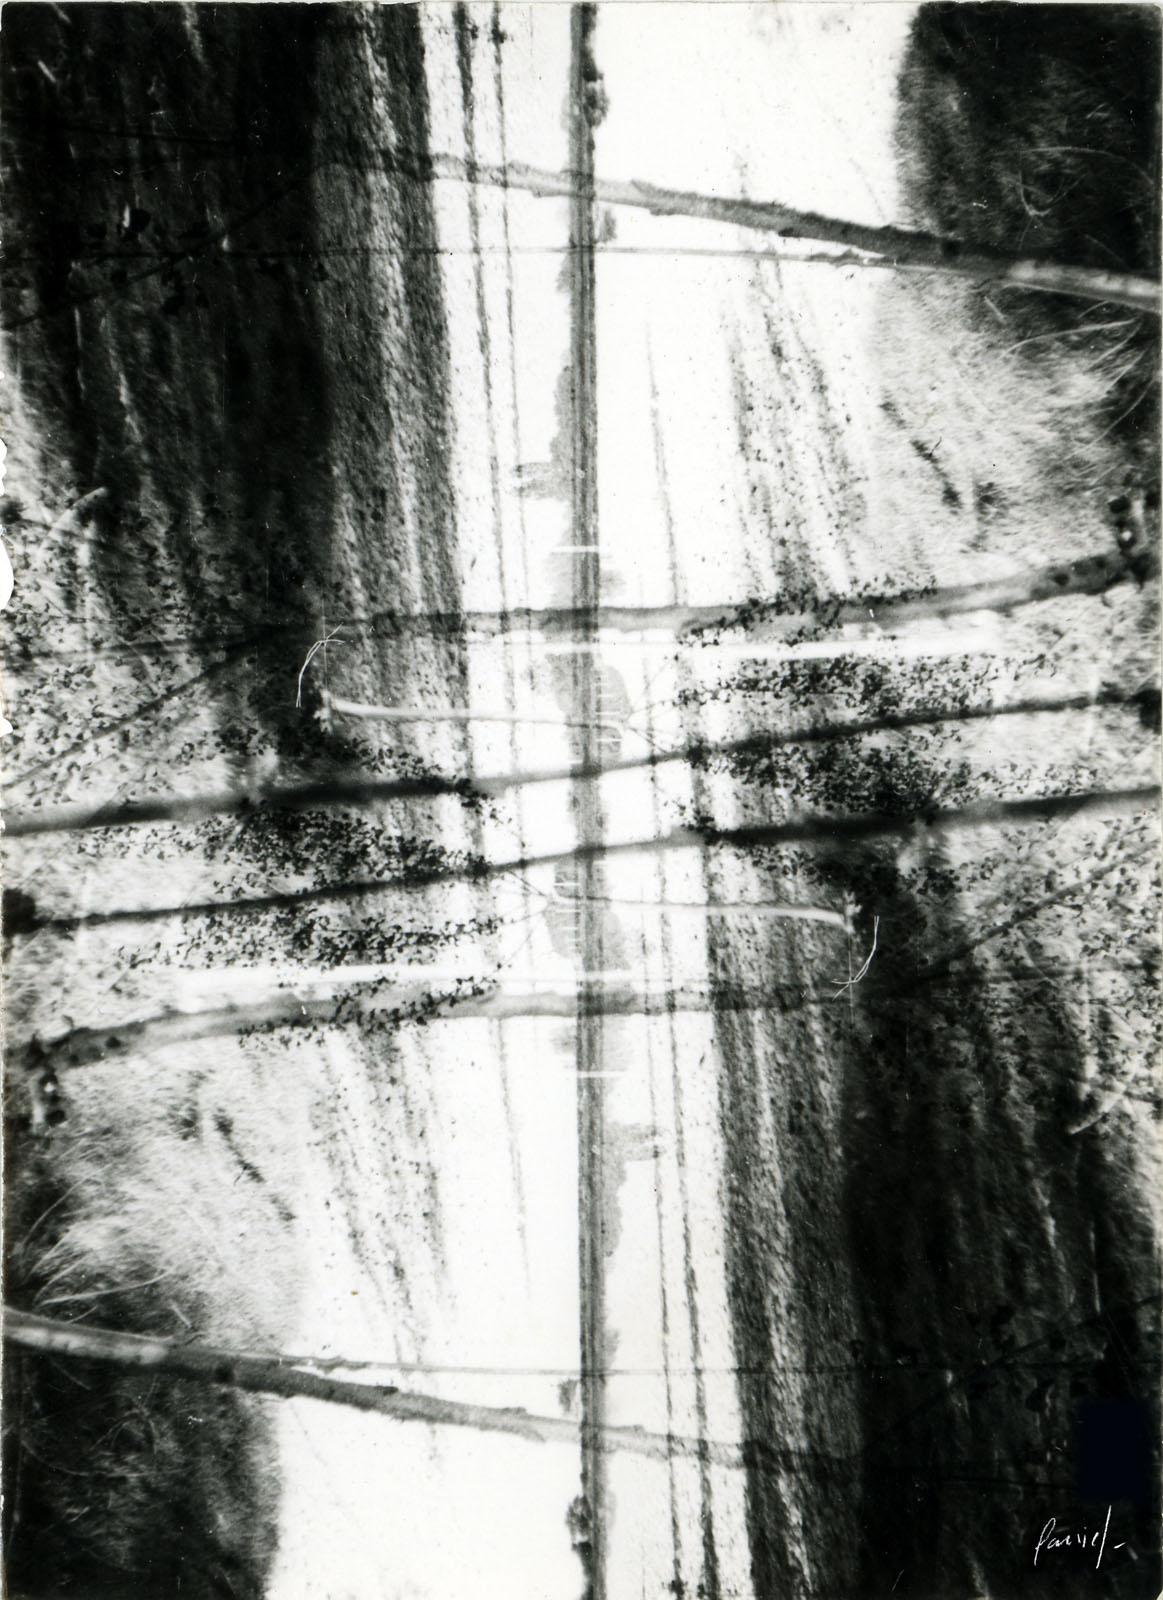 panies-danielvillalobos-spanish-painting-twentiethcentury-4